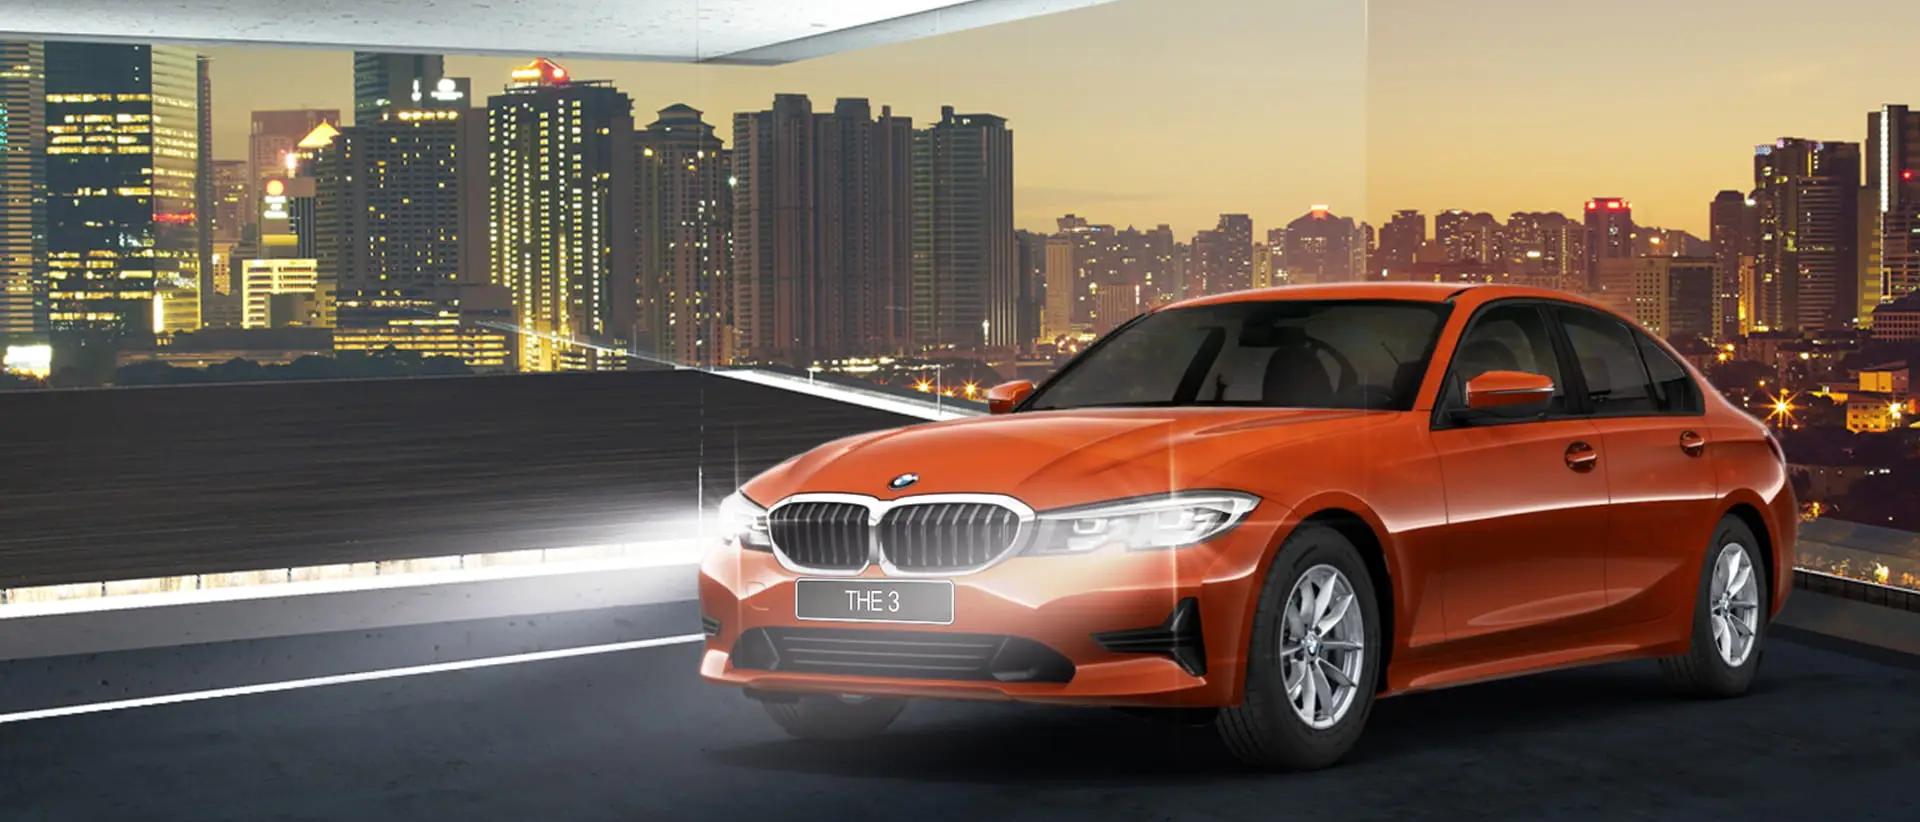 Купить новый БМВ 2 серии Гран Купе в Москве в автосалоне официального дилера BMW Автодом Внуково